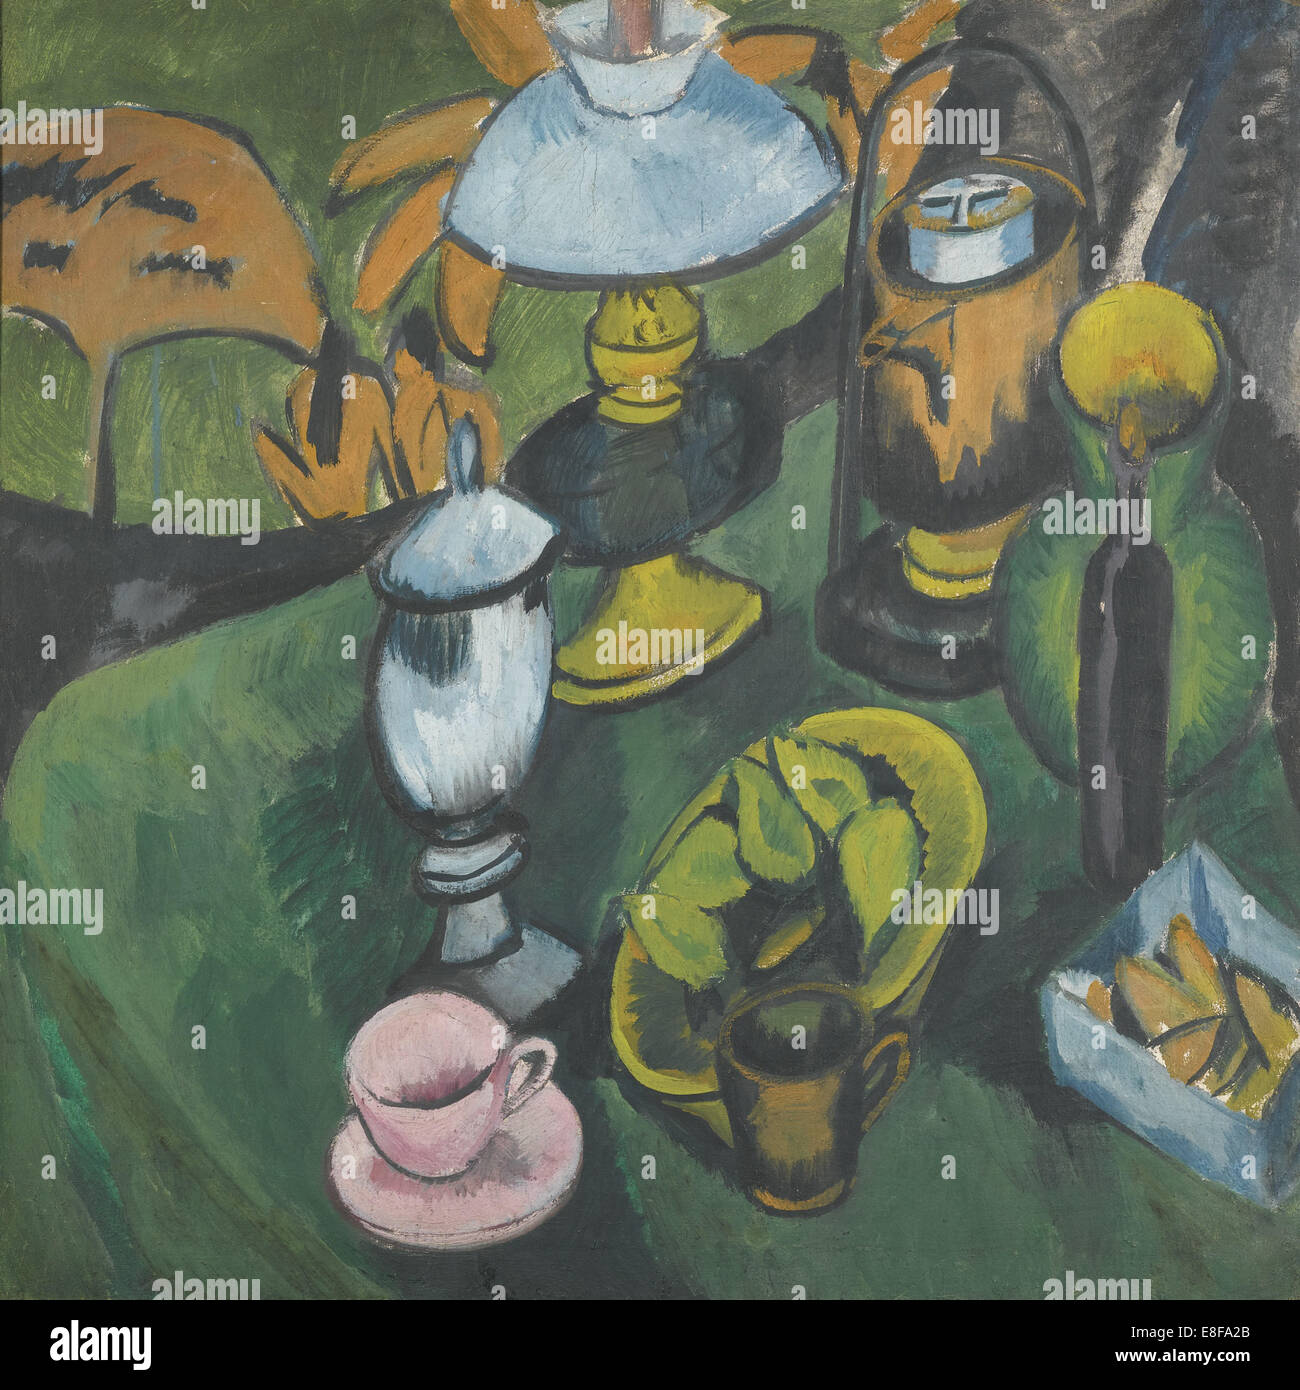 Ancora in vita con lampada. Artista: Kirchner, Ernst Ludwig (1880-1938) Immagini Stock